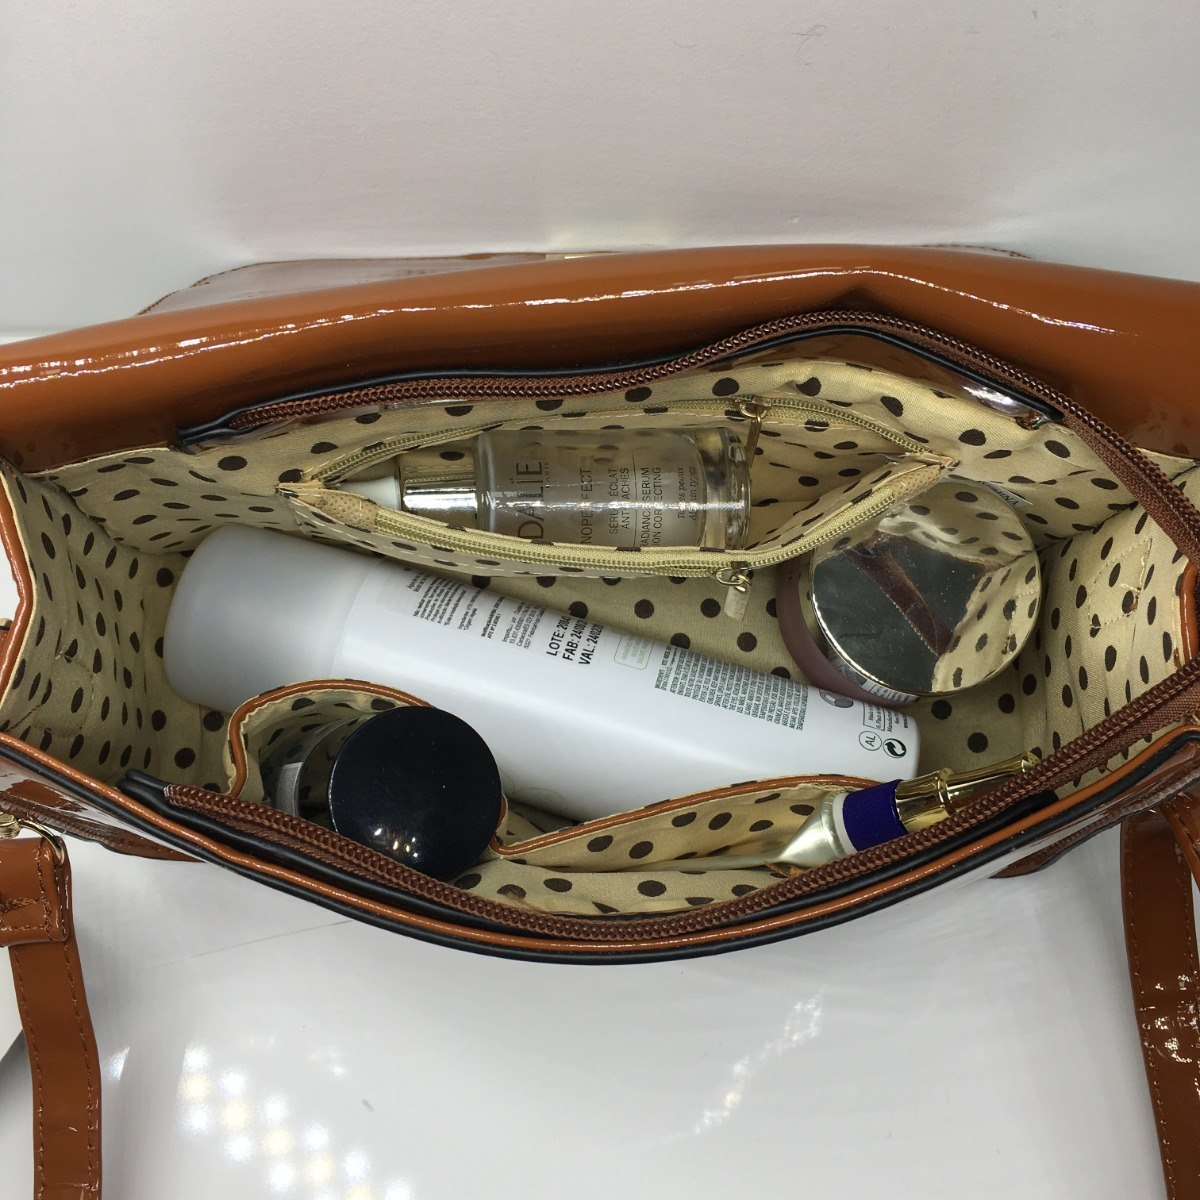 bdfc3c198 bolsa feminina media vernizada tiracolo transversal verniz. Carregando zoom.